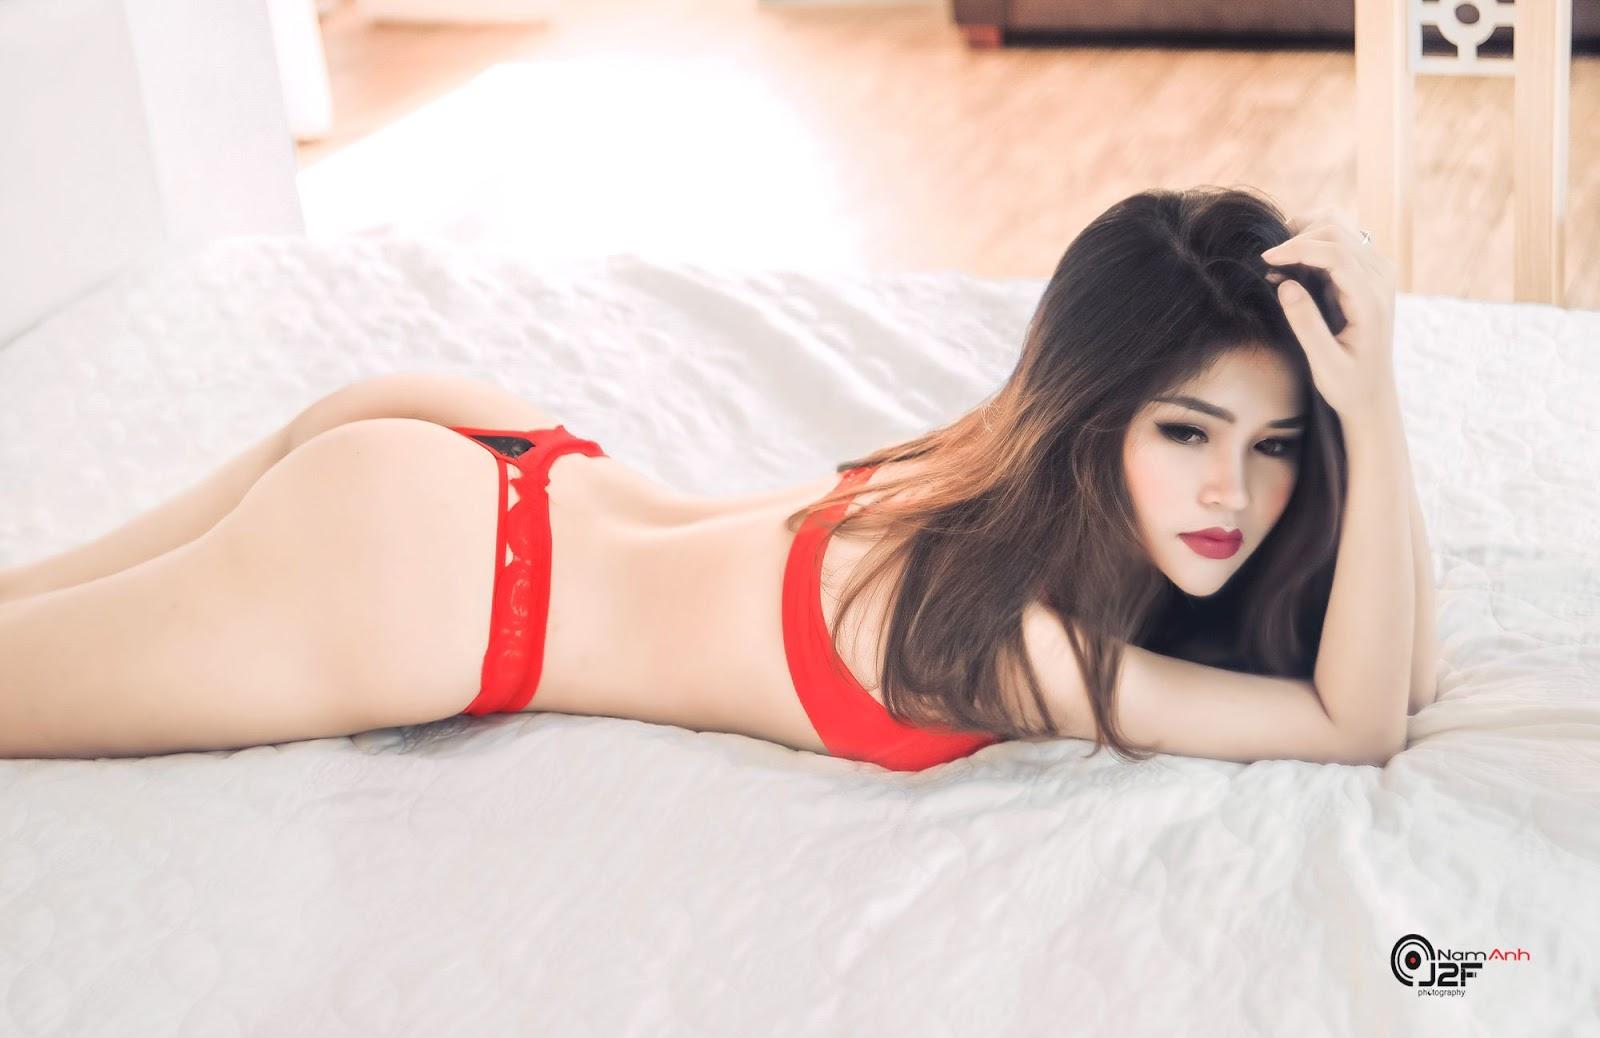 Ngắm Ảnh Gái Xinh Việt Nam Sexy Cực Gợi Cảm Quyến Rũ #3 @BaoBua: Eva